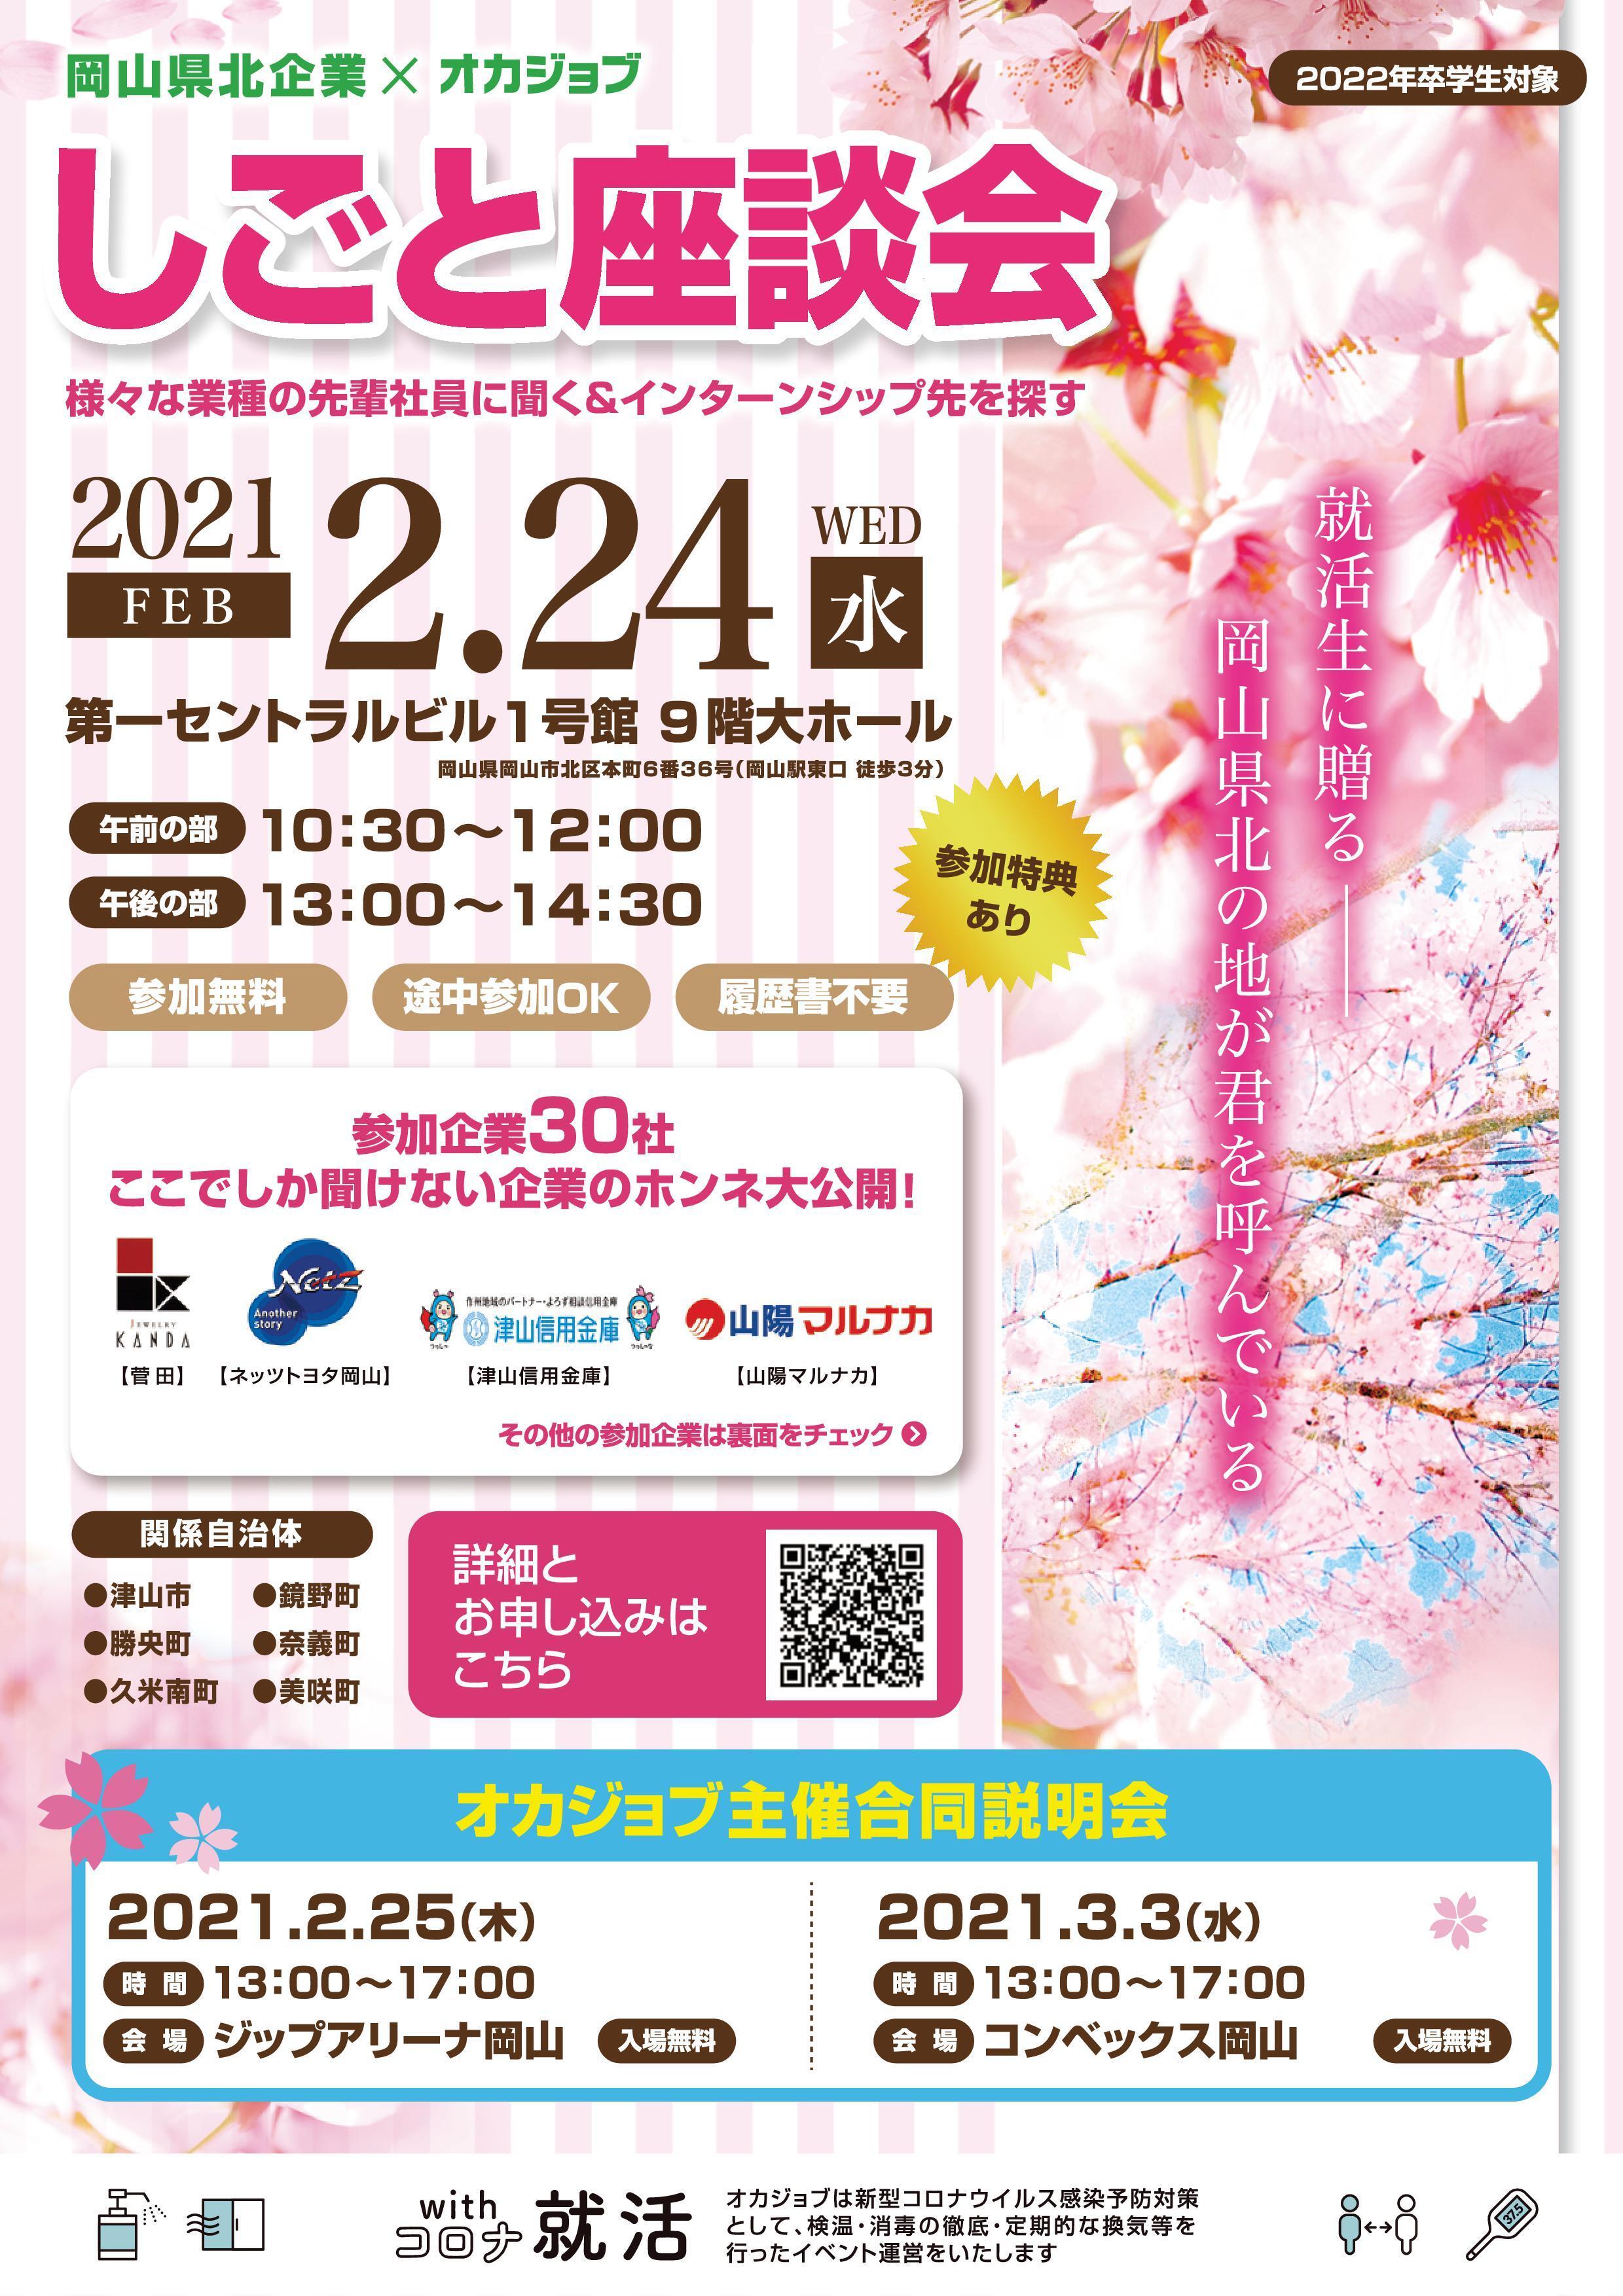 2021年2月24日(水)開催 「岡山県北企業×オカジョブ しごと座談会」参加者募集のお知らせ